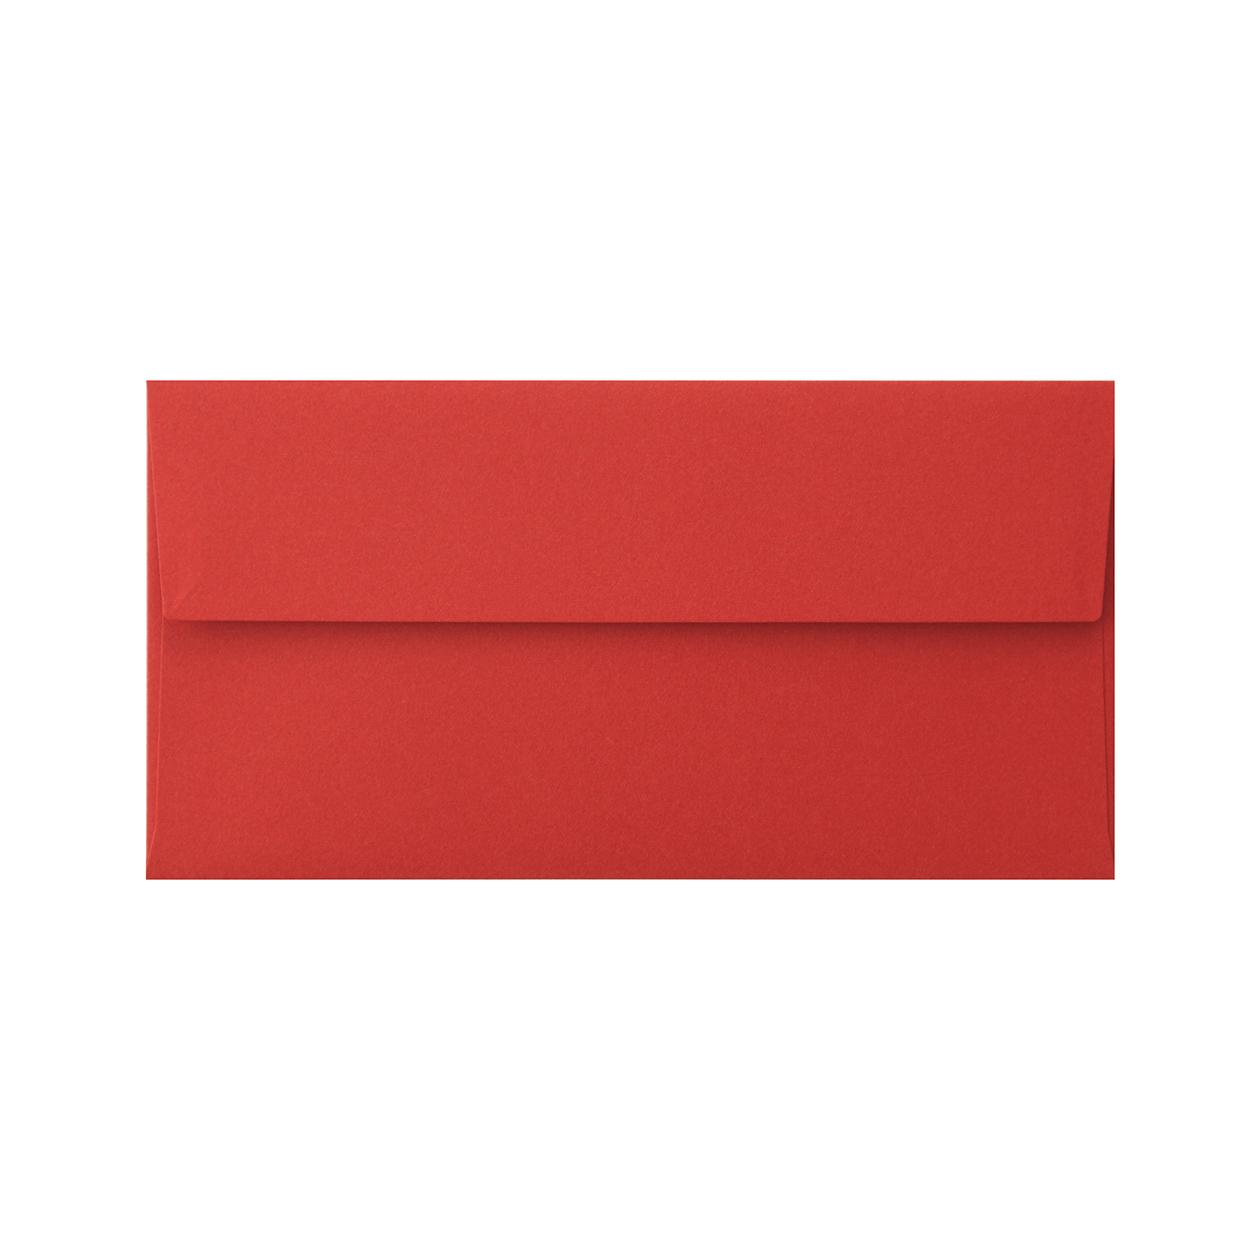 洋6カマス封筒 コットン レッド 116.3g